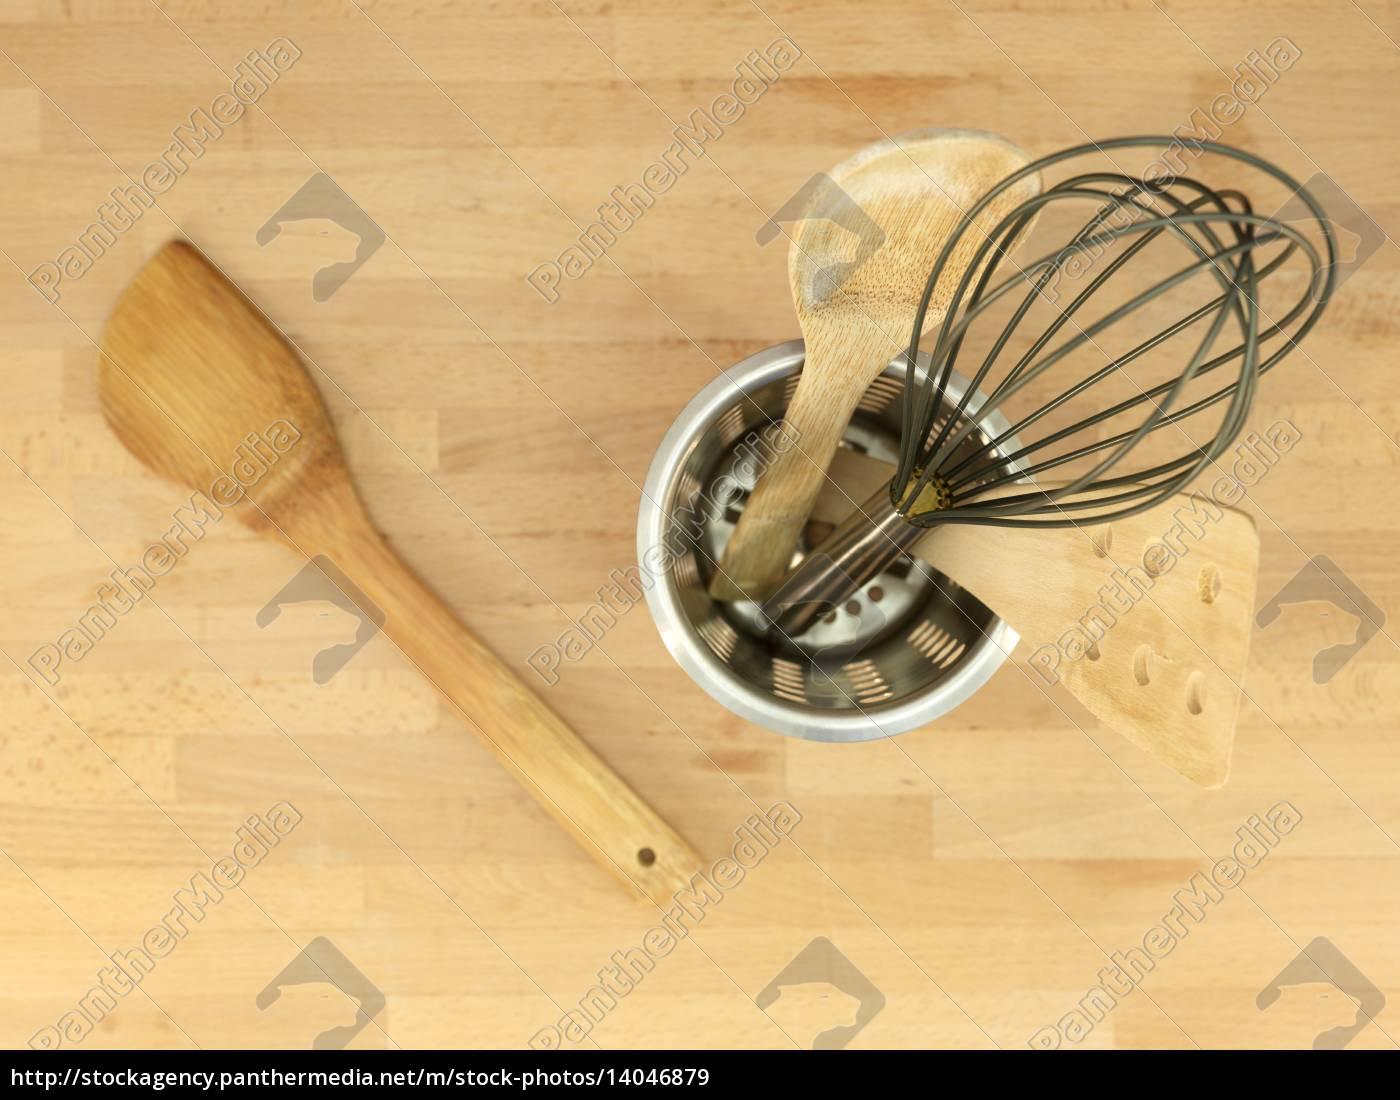 kitchen, bench - 14046879